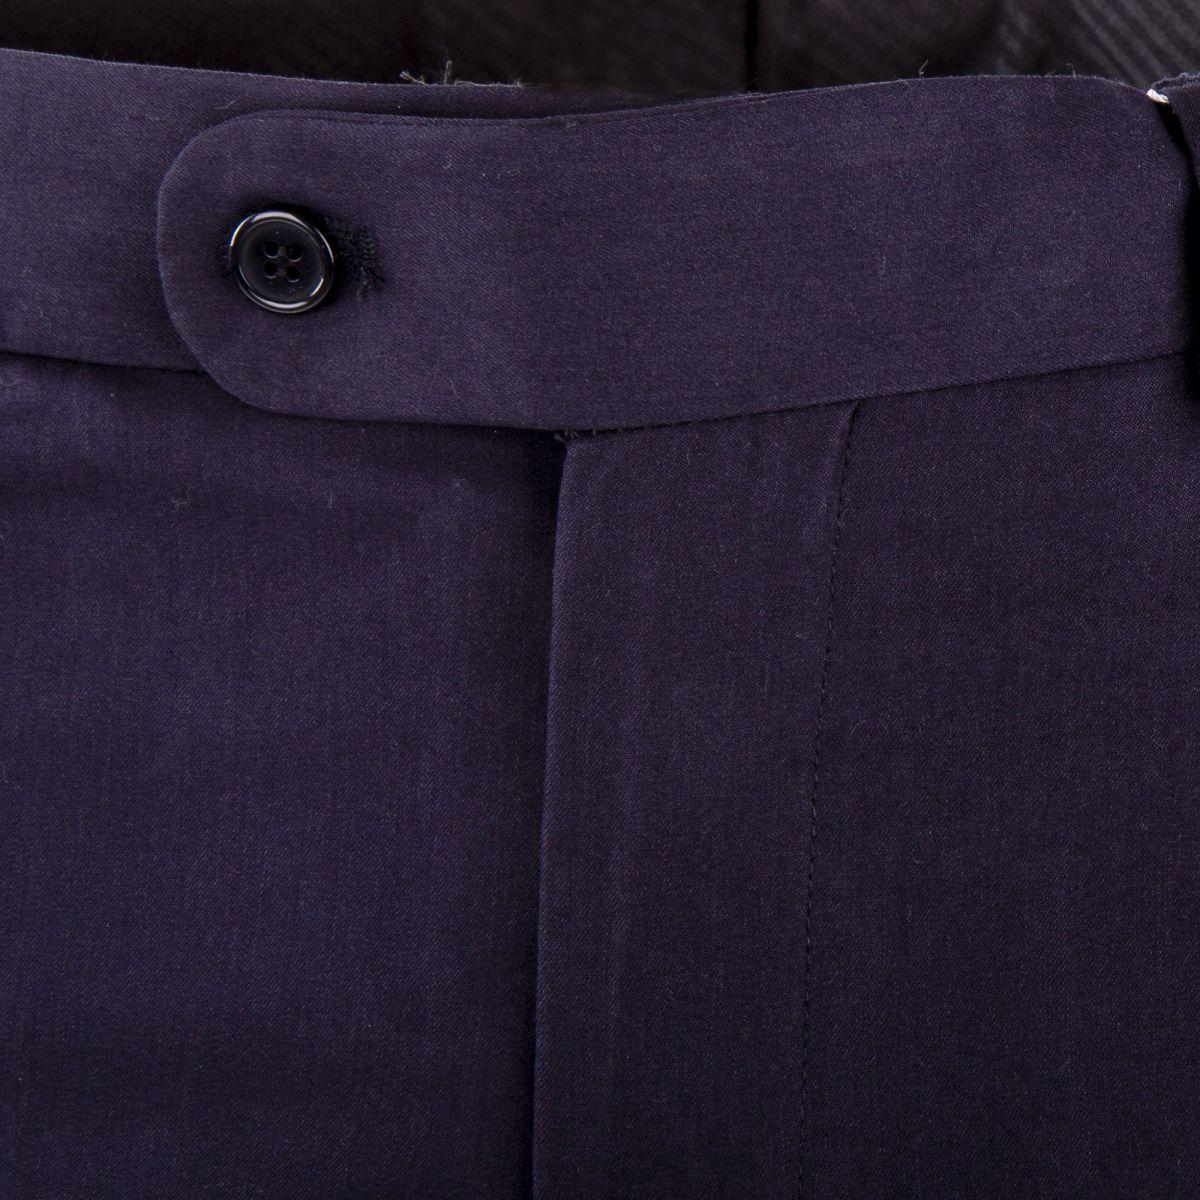 ... Pantalon de costume bleu marine homme MARION ROTH marque pas cher prix  dégriffés destockage ... abb048284ea